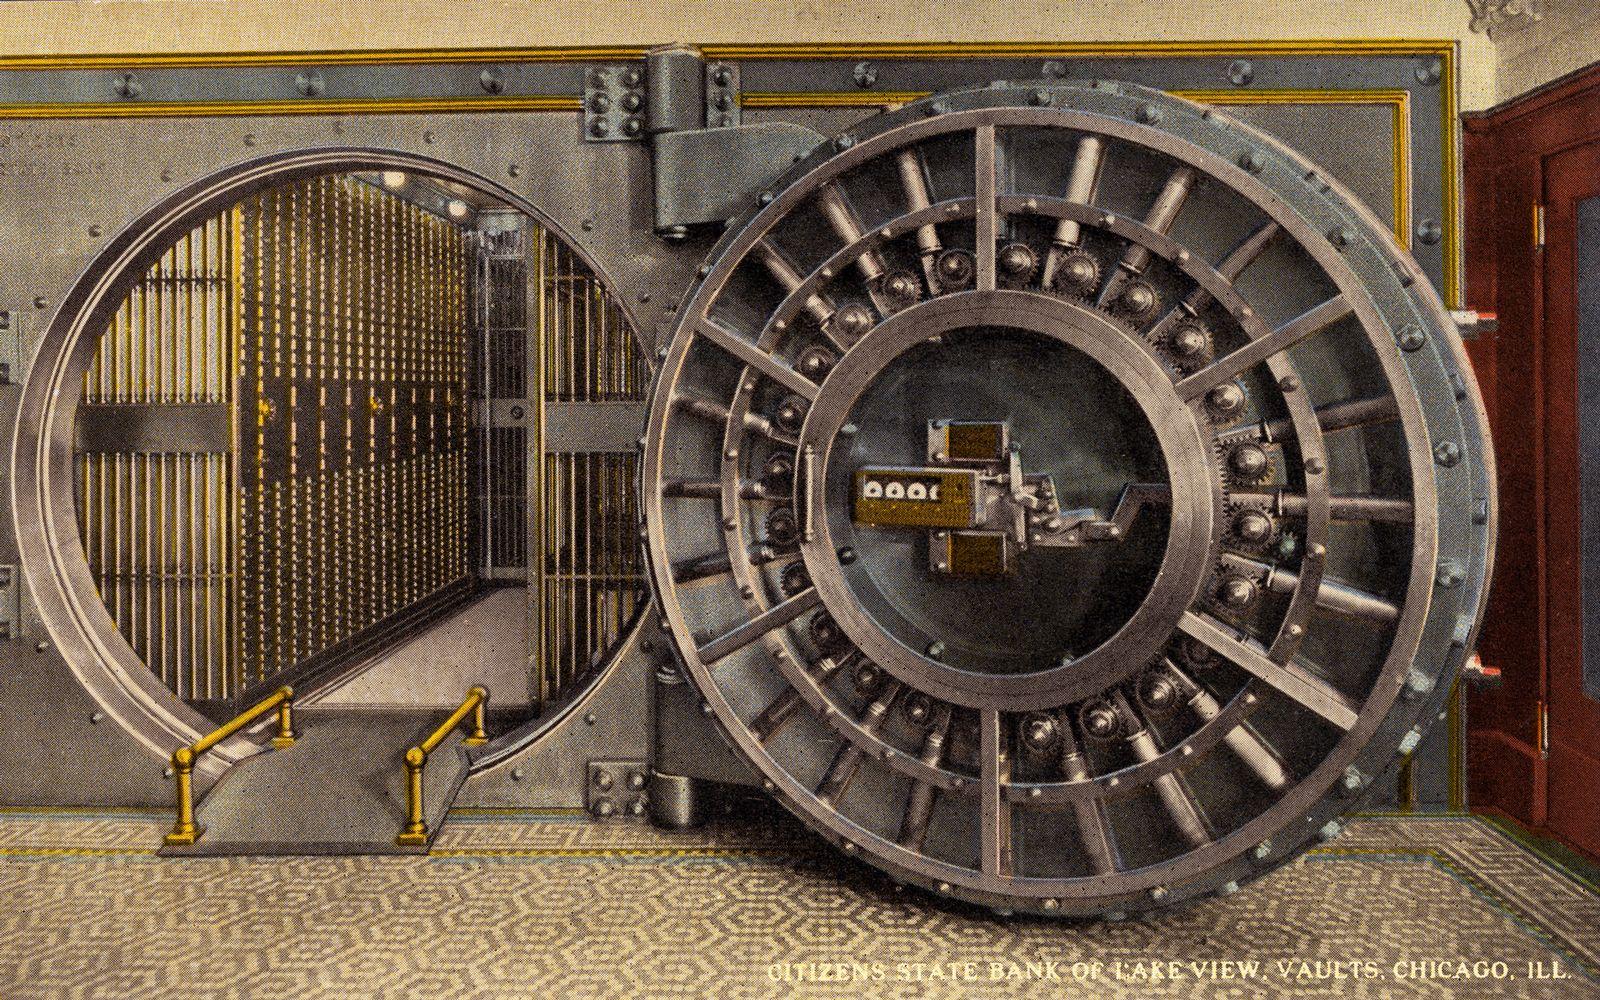 NICHT MEHR VERWENDEN! - Tresor / Safe / Geld / Bank / State Bank of Lake View / Chicago